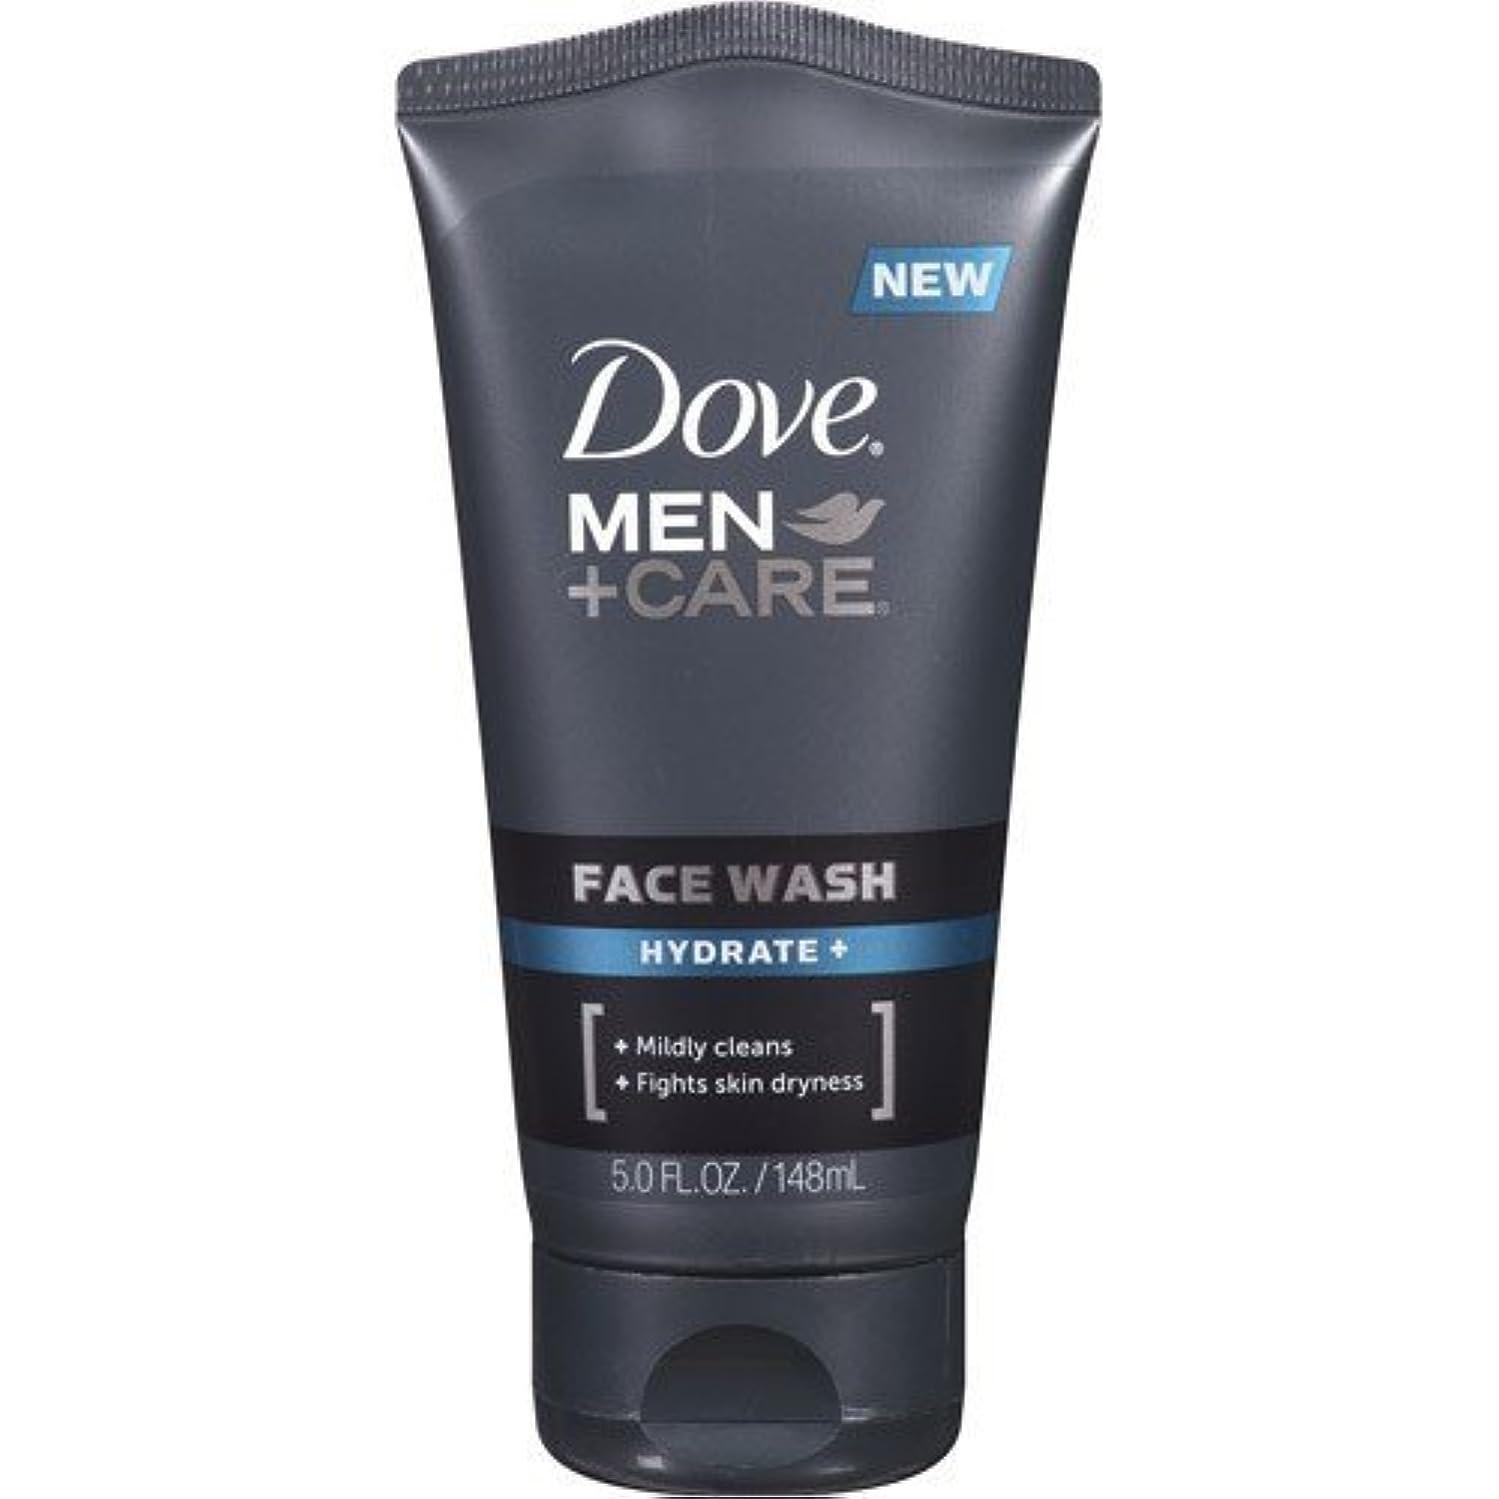 どちらも罪悪感戸惑うDove Men + Care Face Wash, Hydrate, 5 Oz by Dove